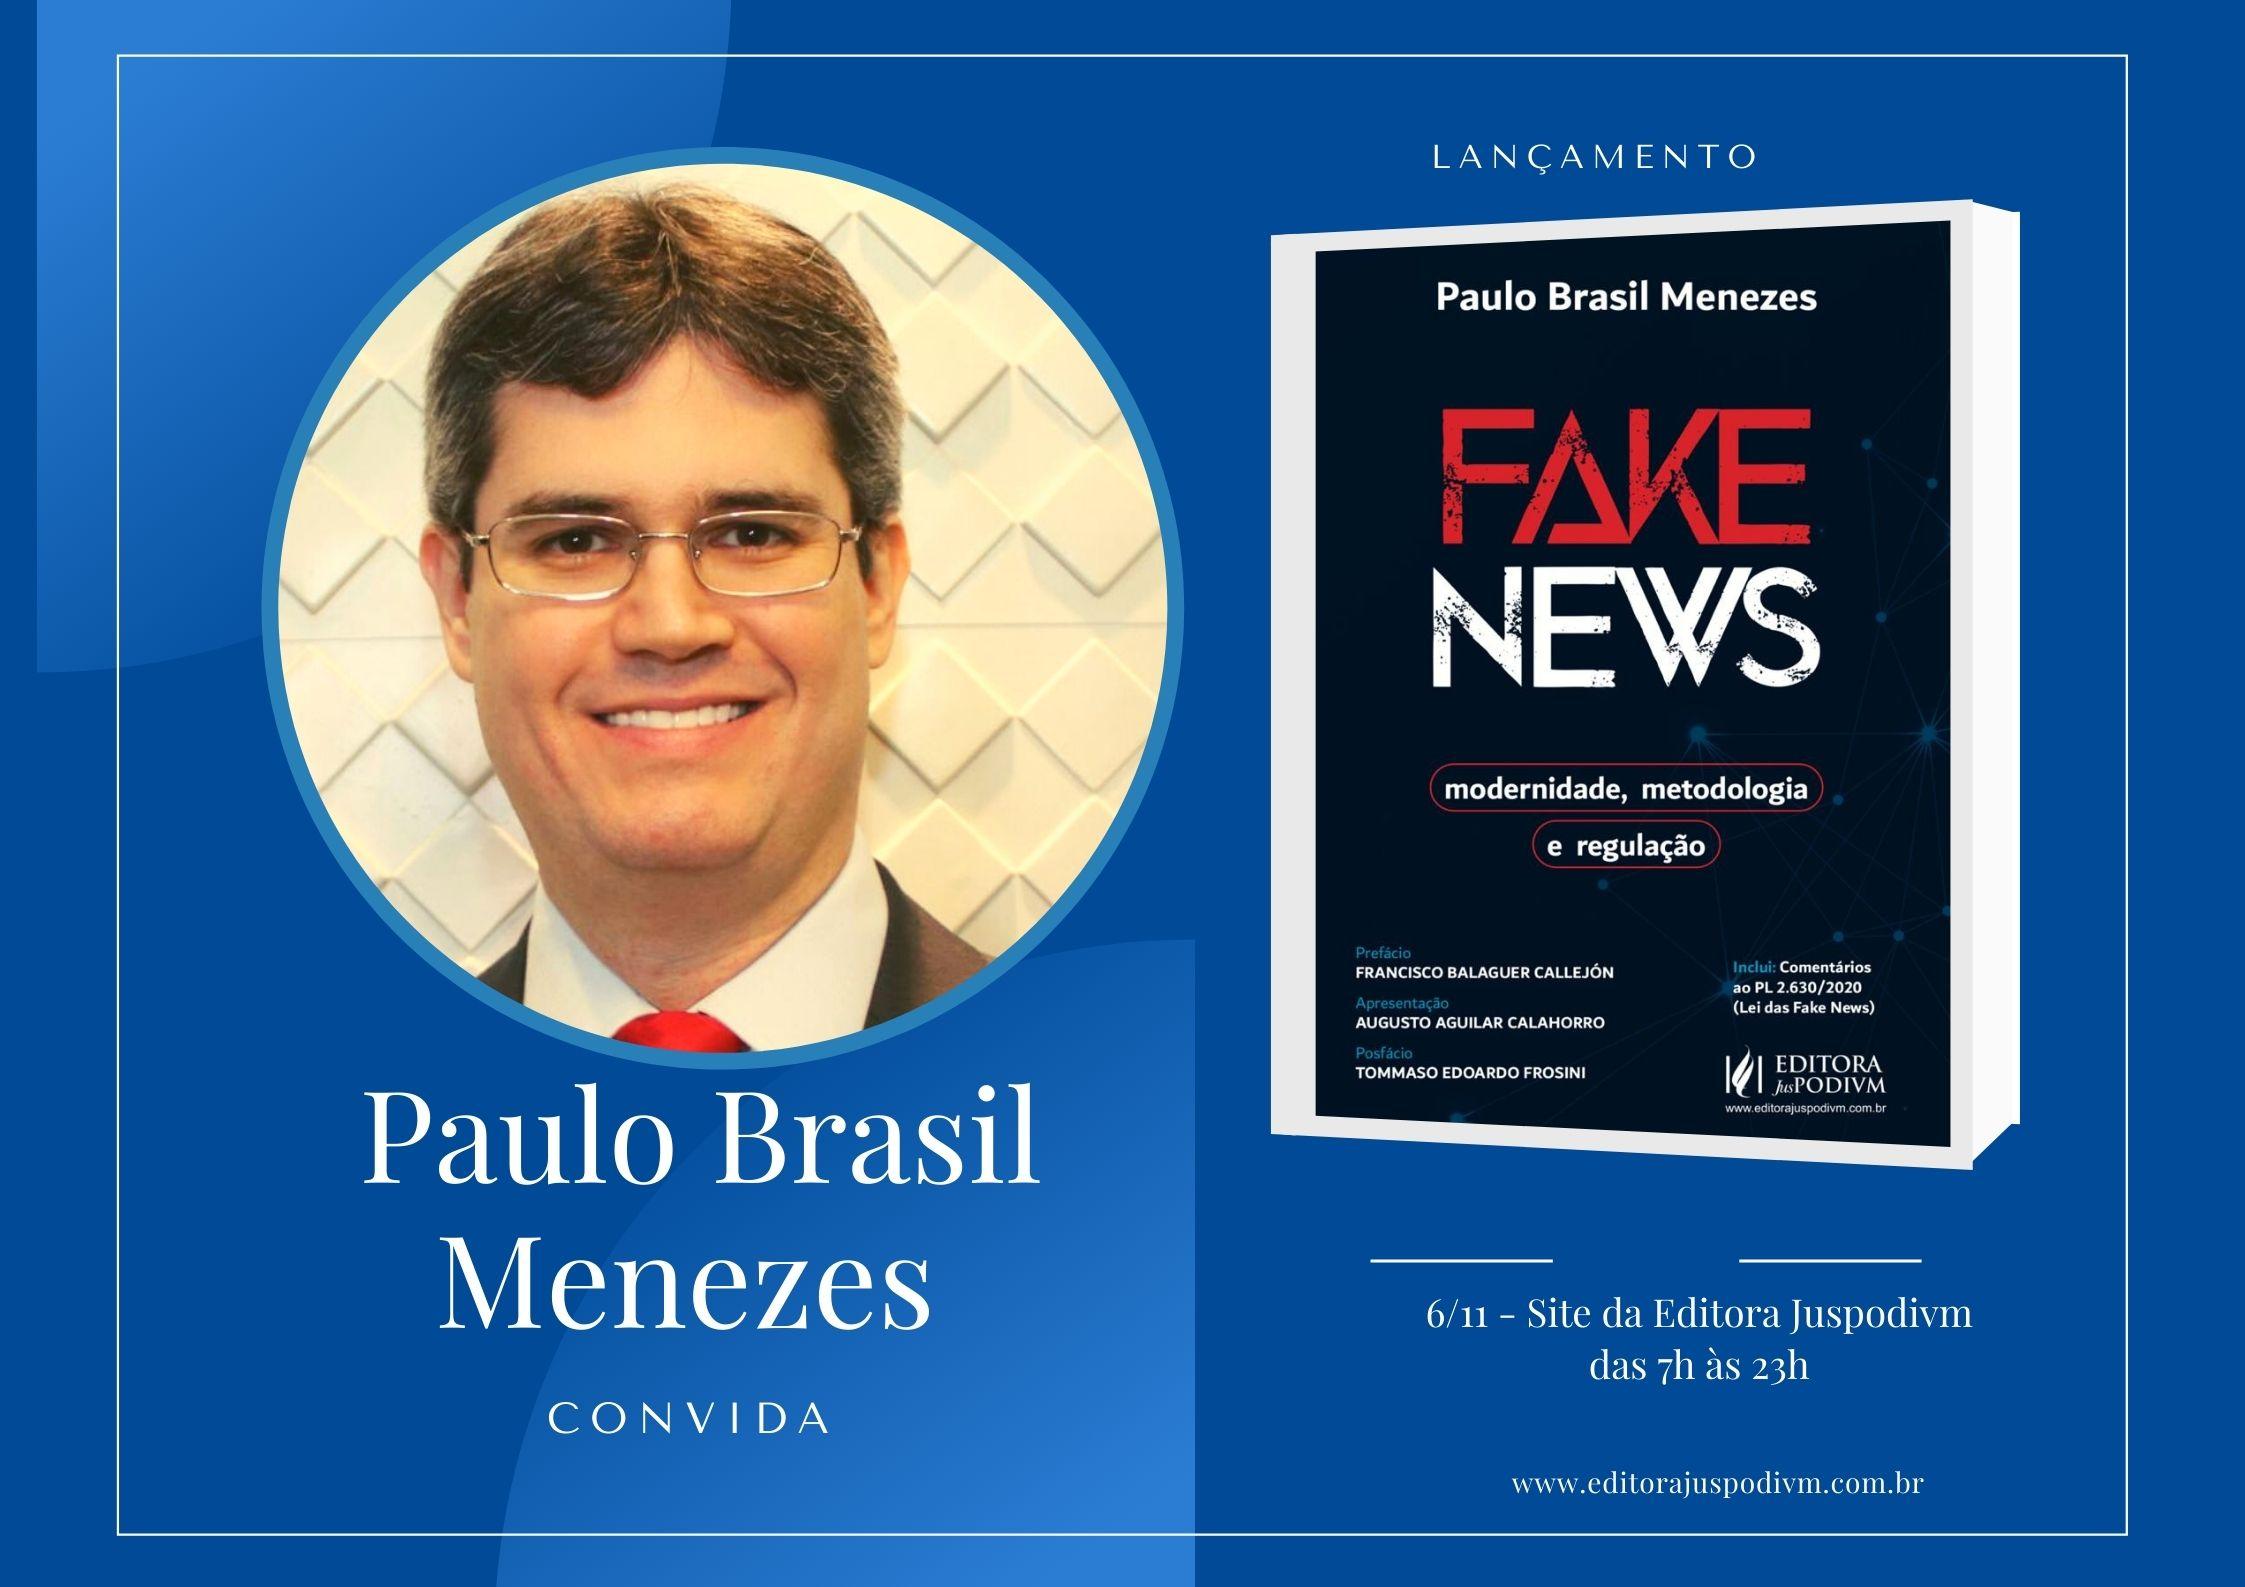 Paulo Brasil Menezes